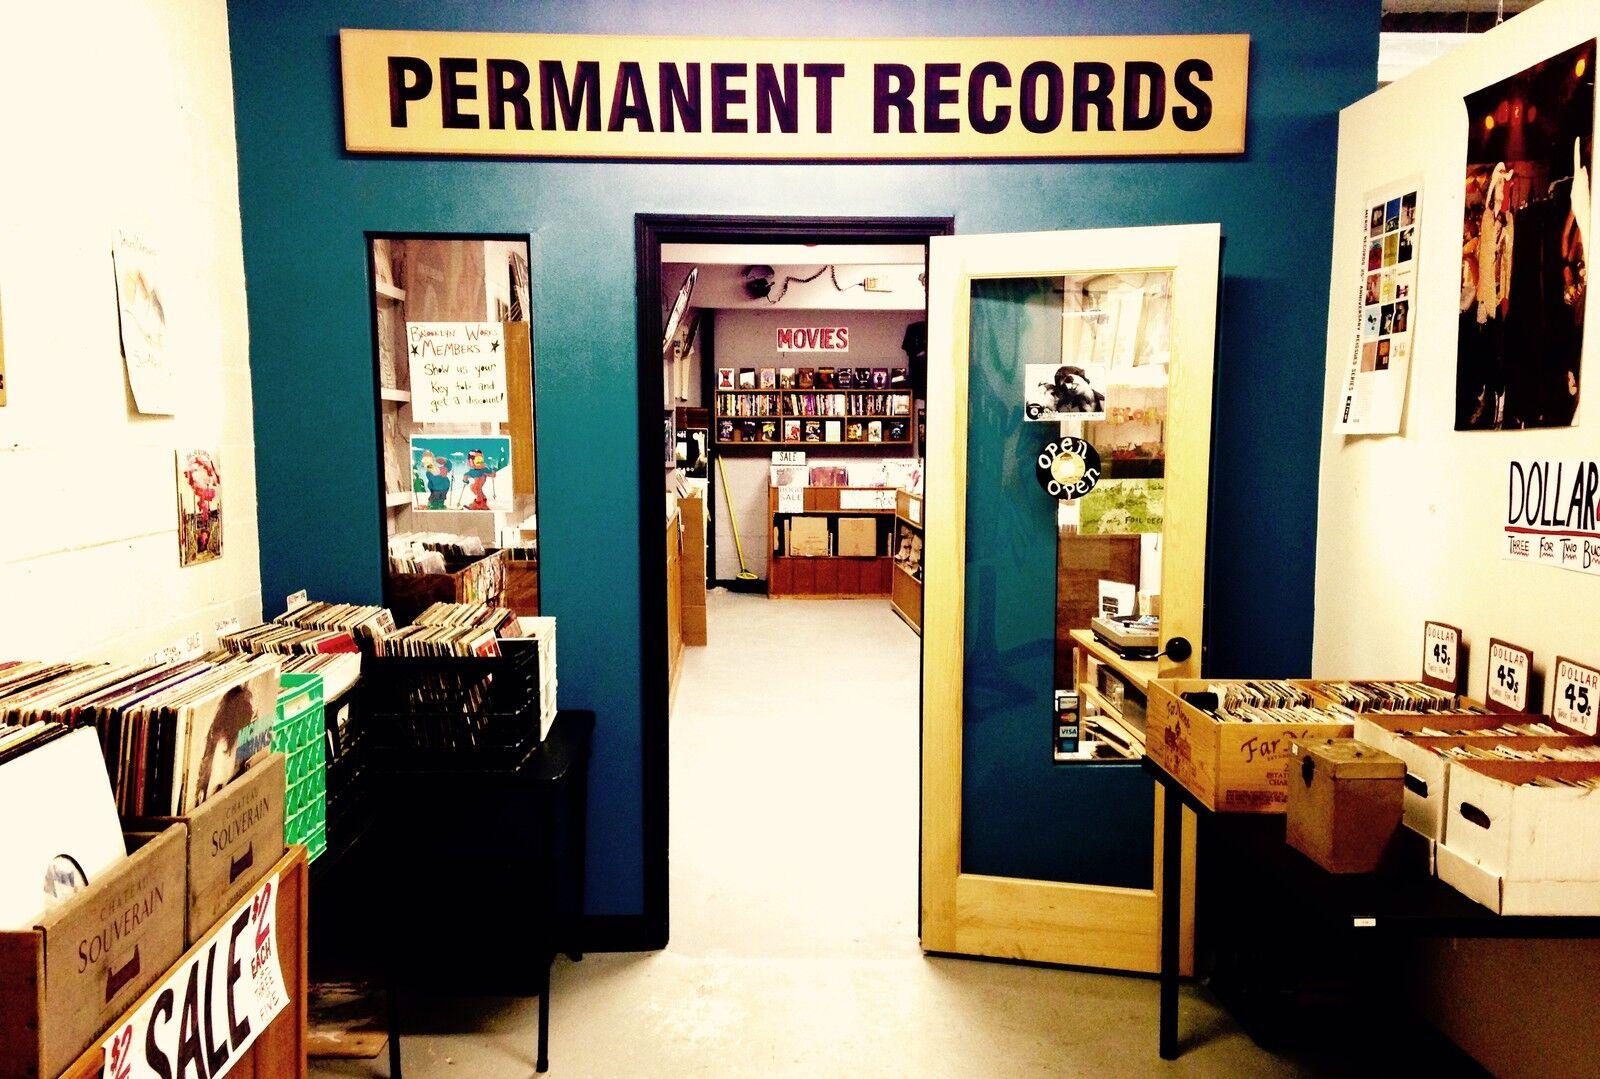 Permanent Records Brooklyn